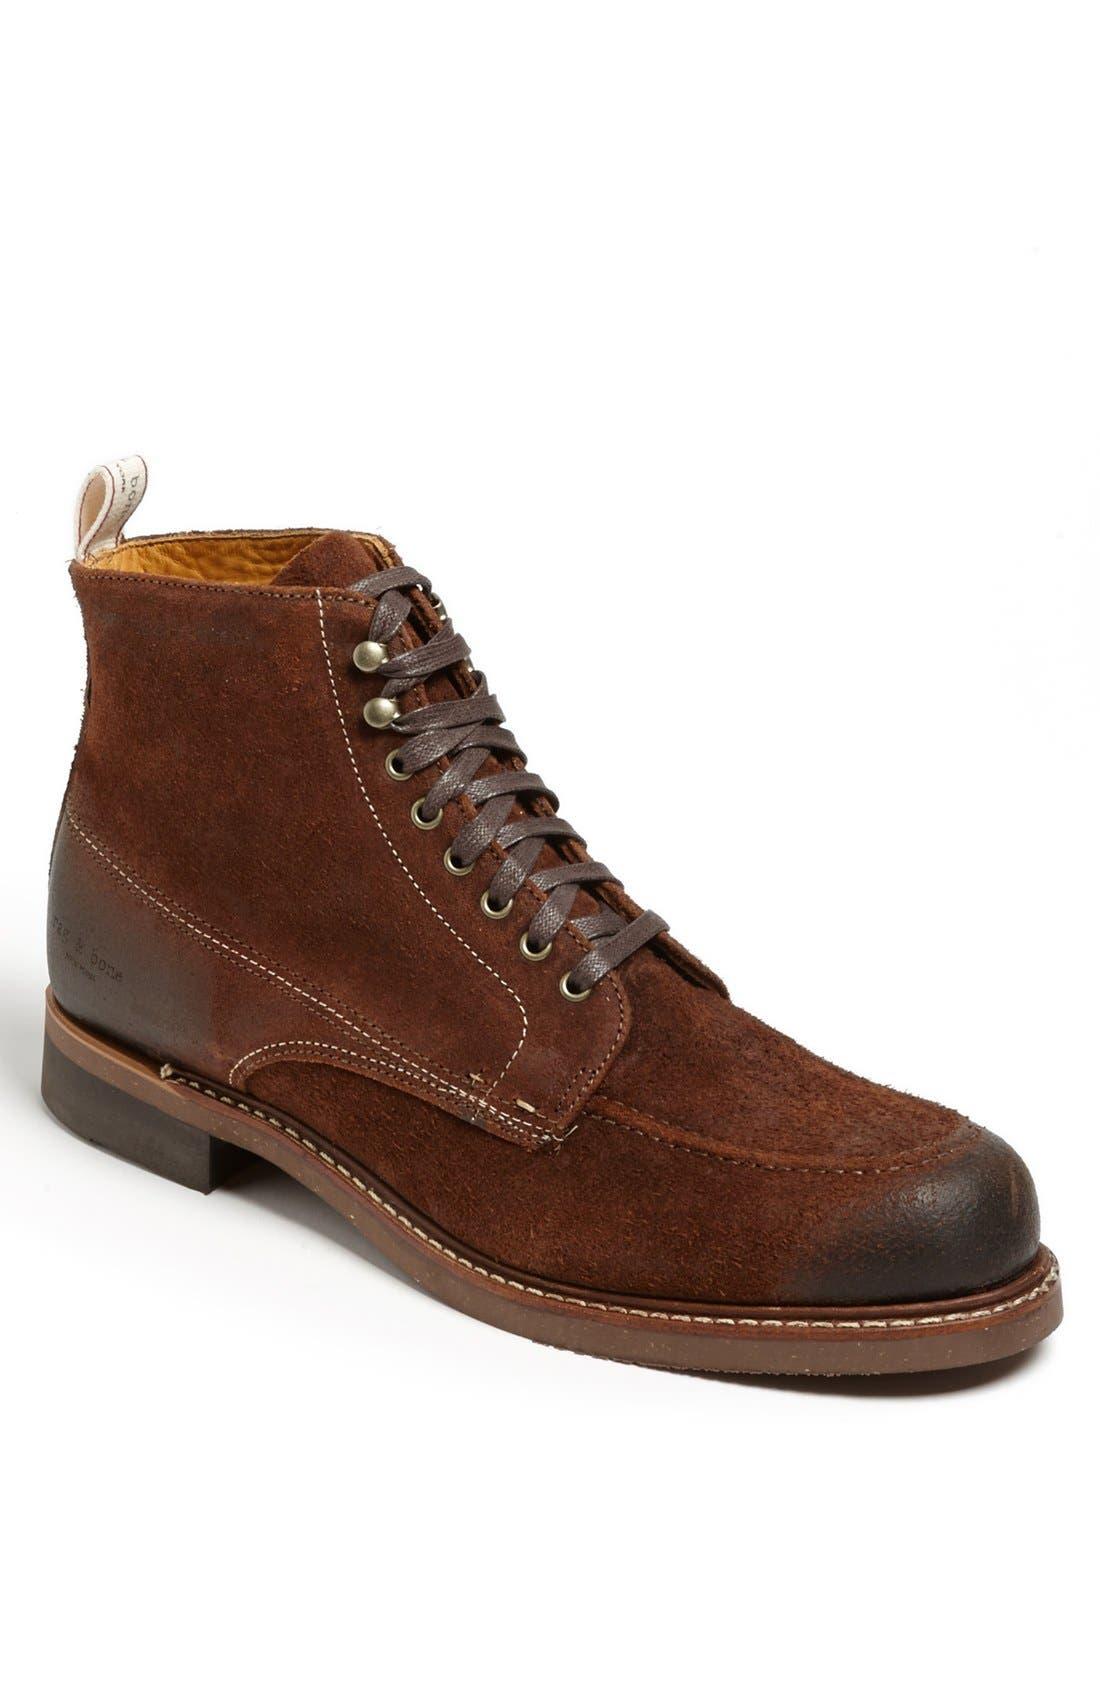 'Rowan' Moc Toe Boot, Main, color, 200